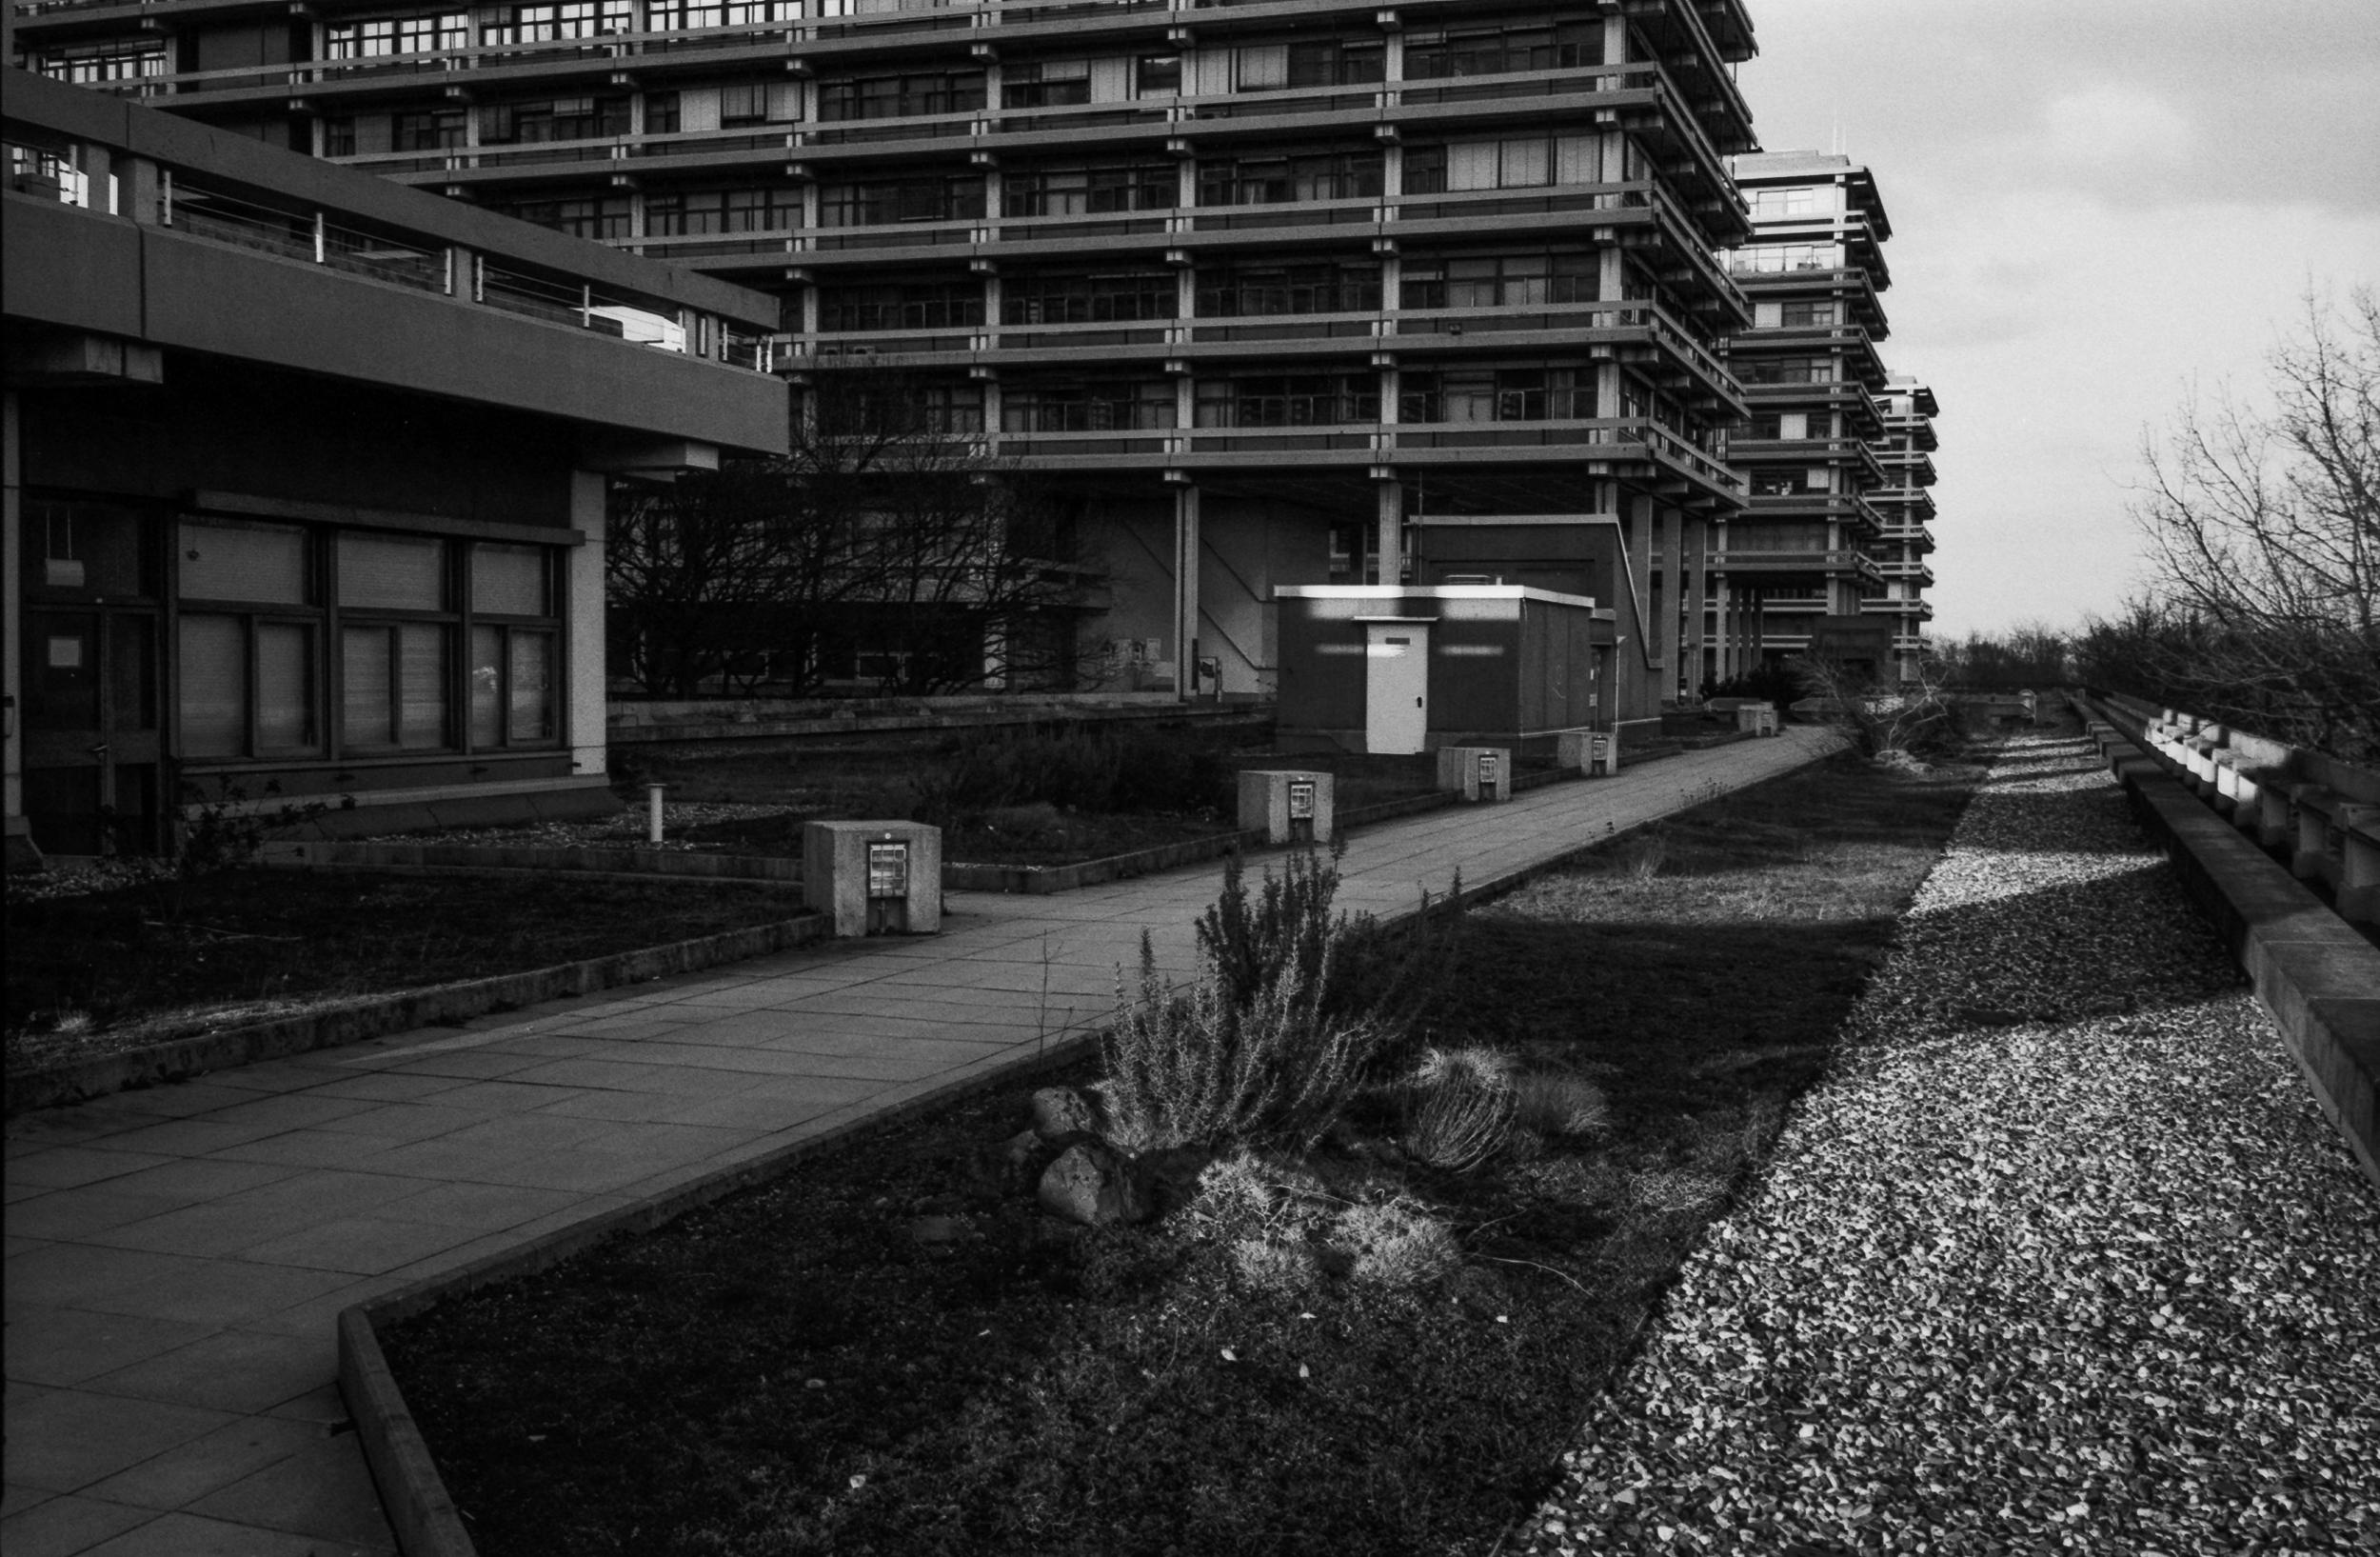 Ruhruniversität_20180327_0013_2500px.jpg